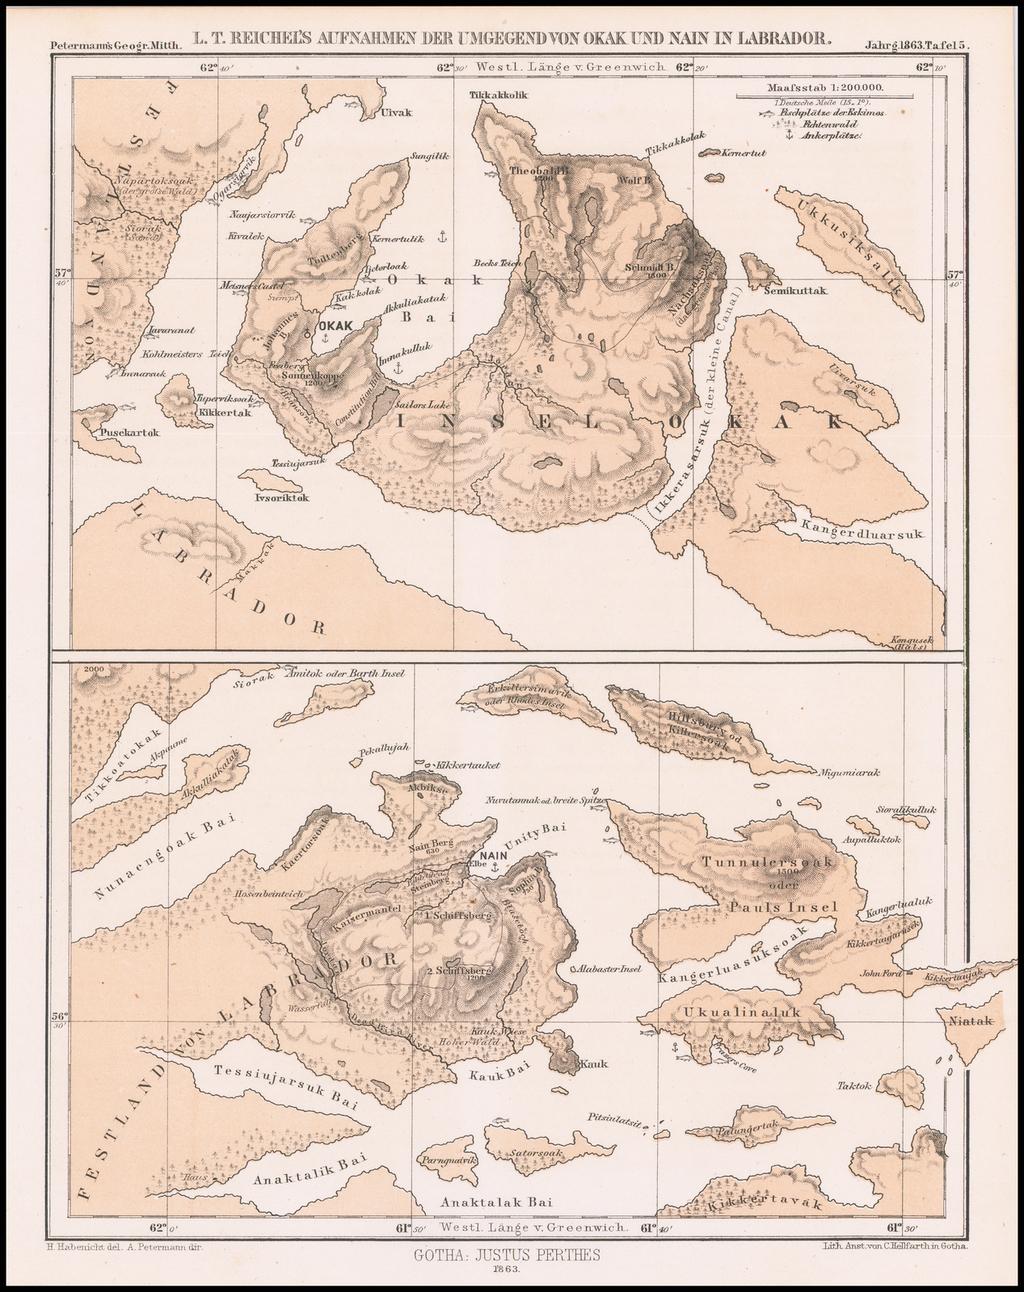 LT. Reichel's Aufnahmen Der Umgegend von Okak und Nain in Labrador By Augustus Herman Petermann